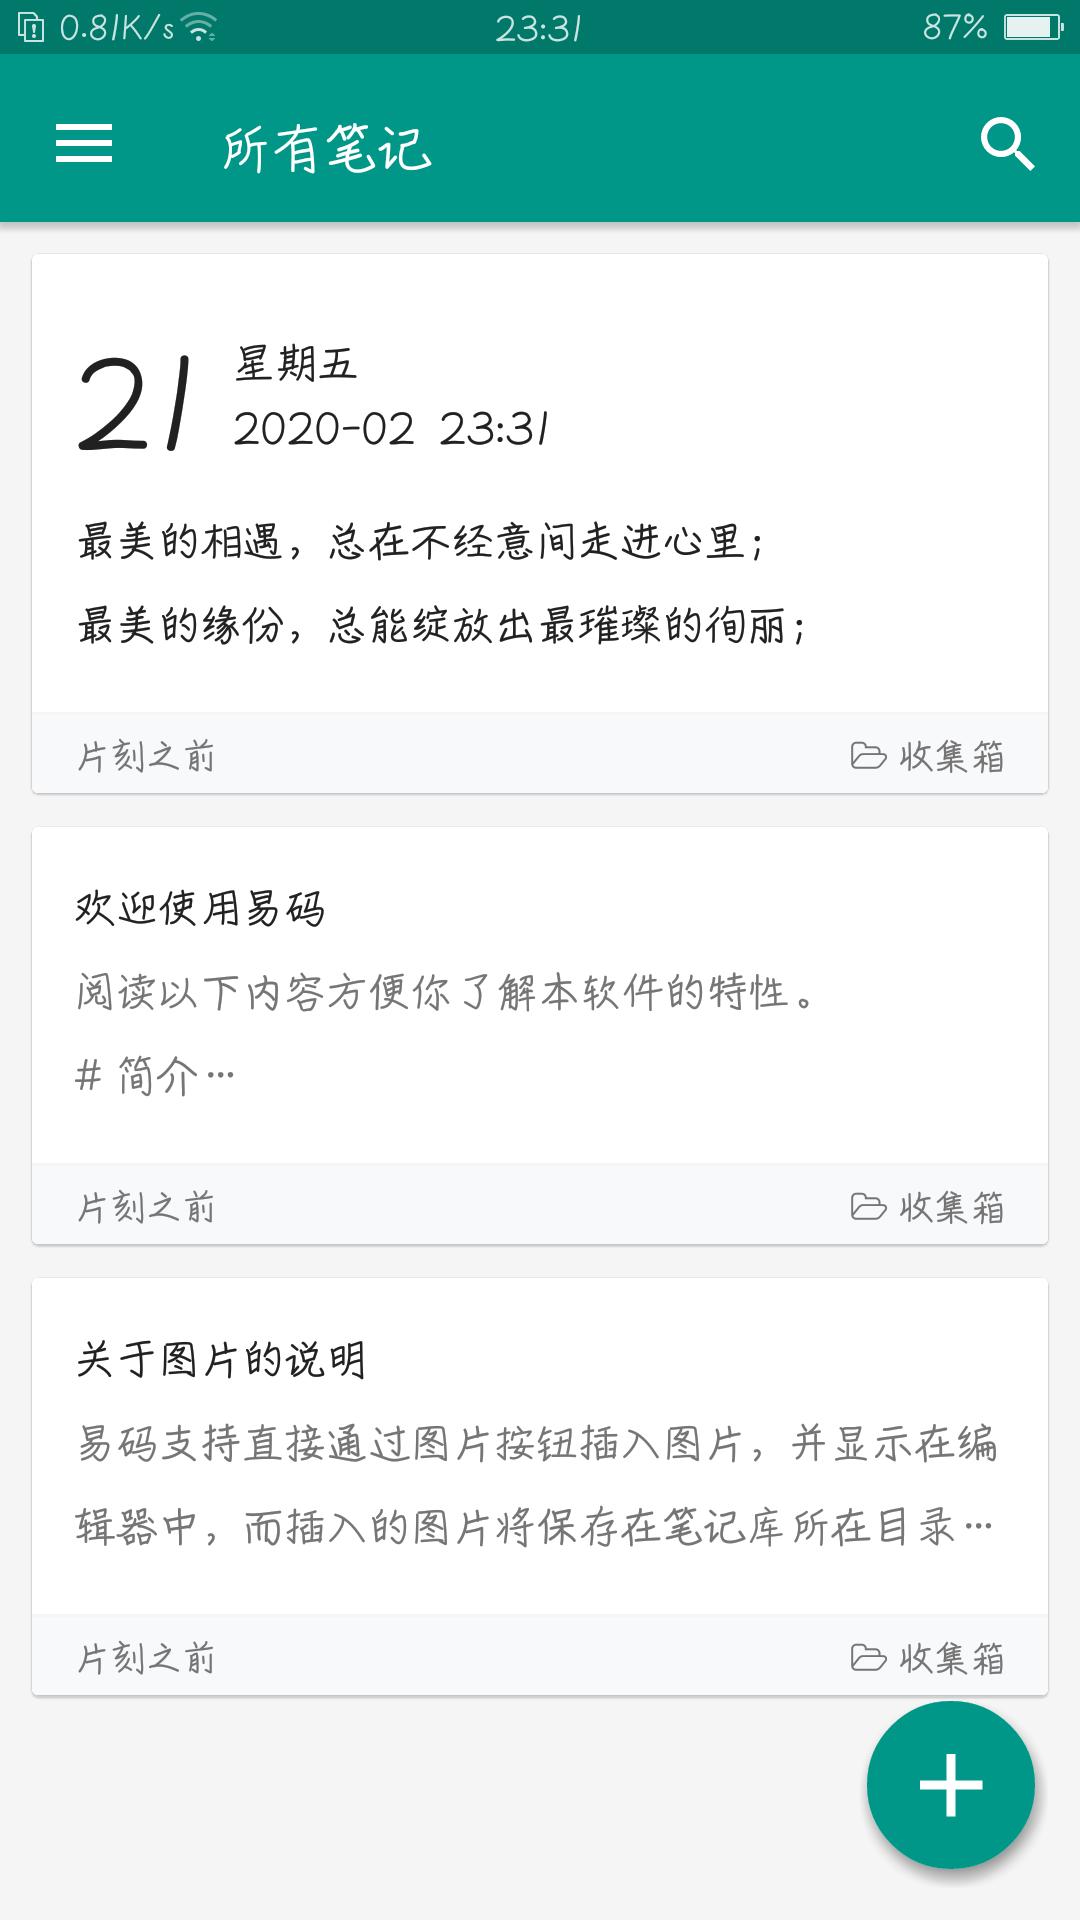 【分享】易码-私人云笔记 2.2.0beta3